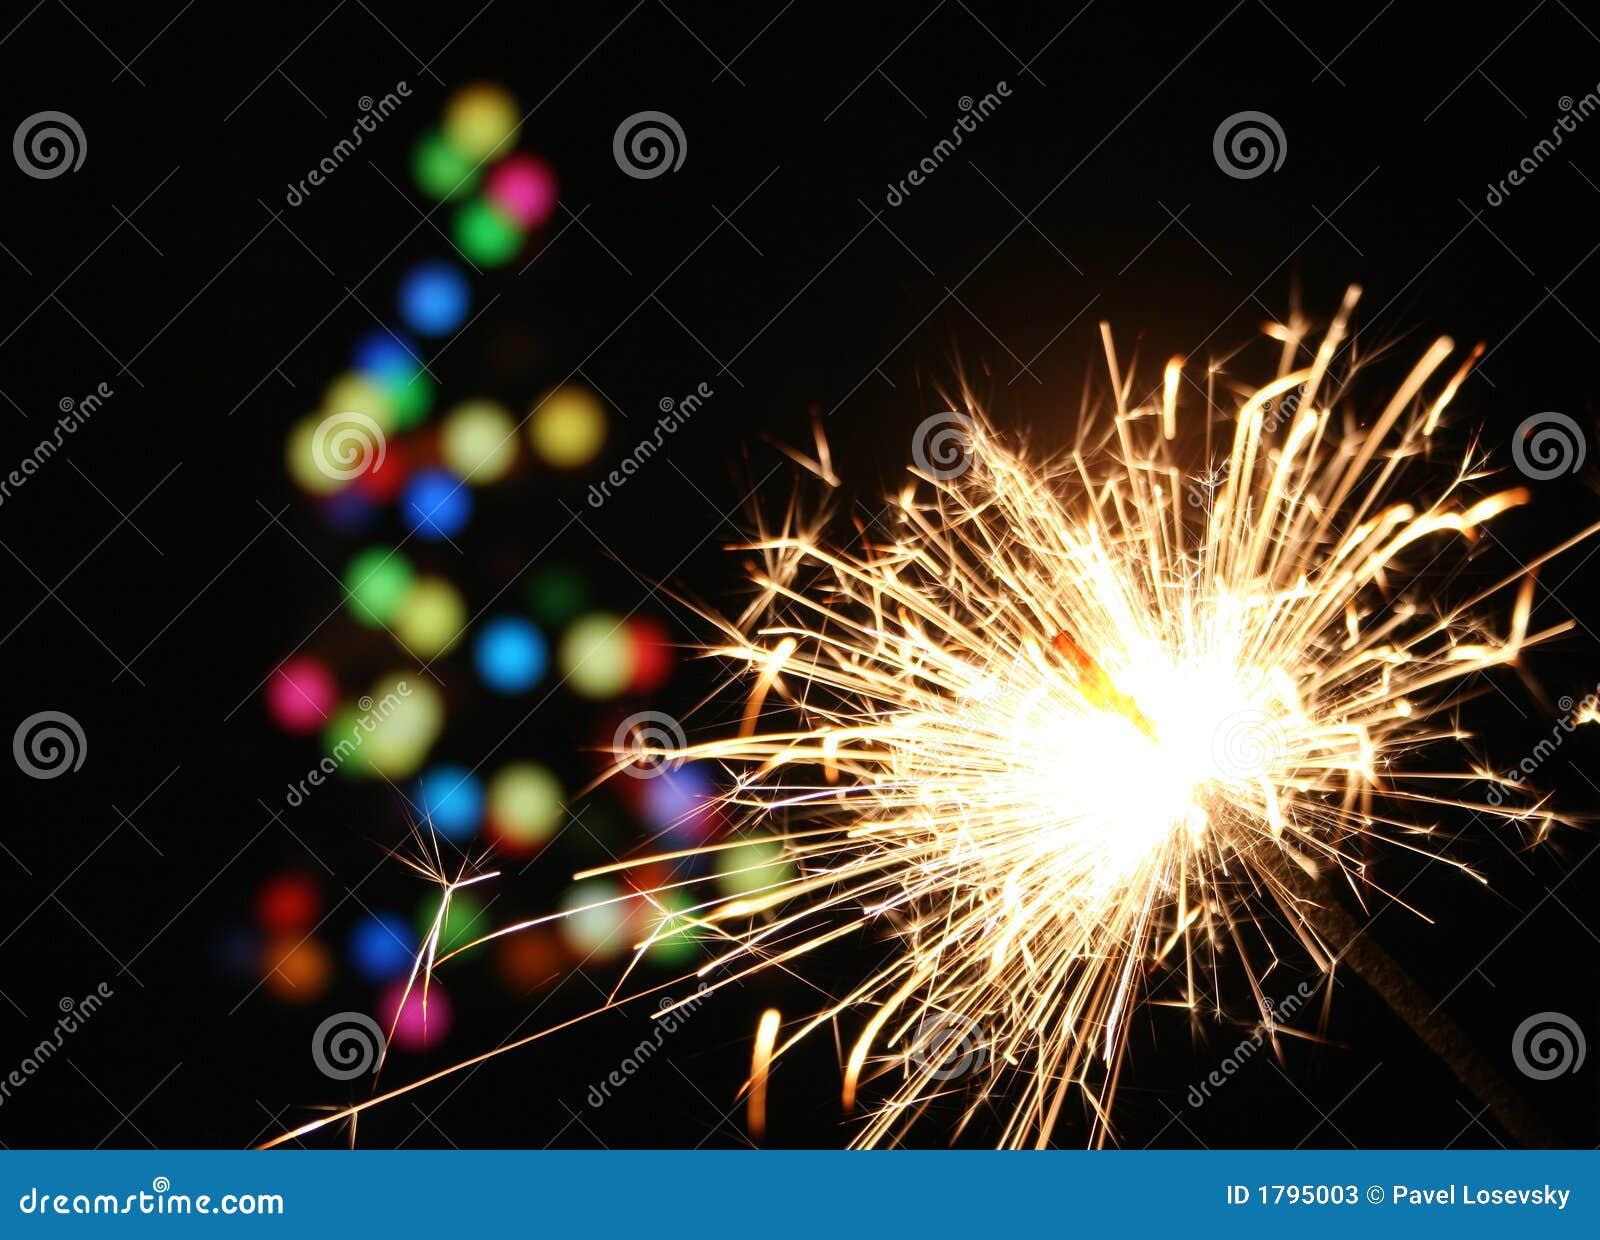 Weihnachtsbaum Explodiert.Sparkler Und Weihnachtsbaum Stockbild Bild Von Muster Explosion